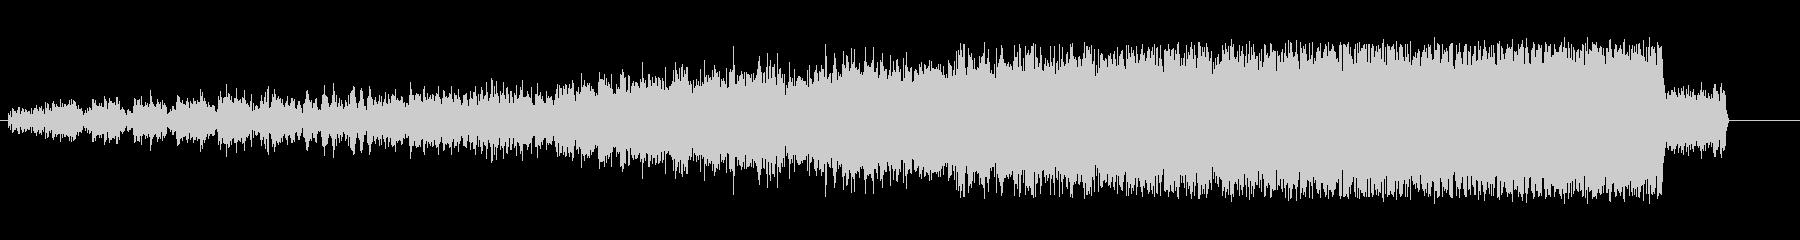 上昇 テープマシンノイズスピンアップ06の未再生の波形